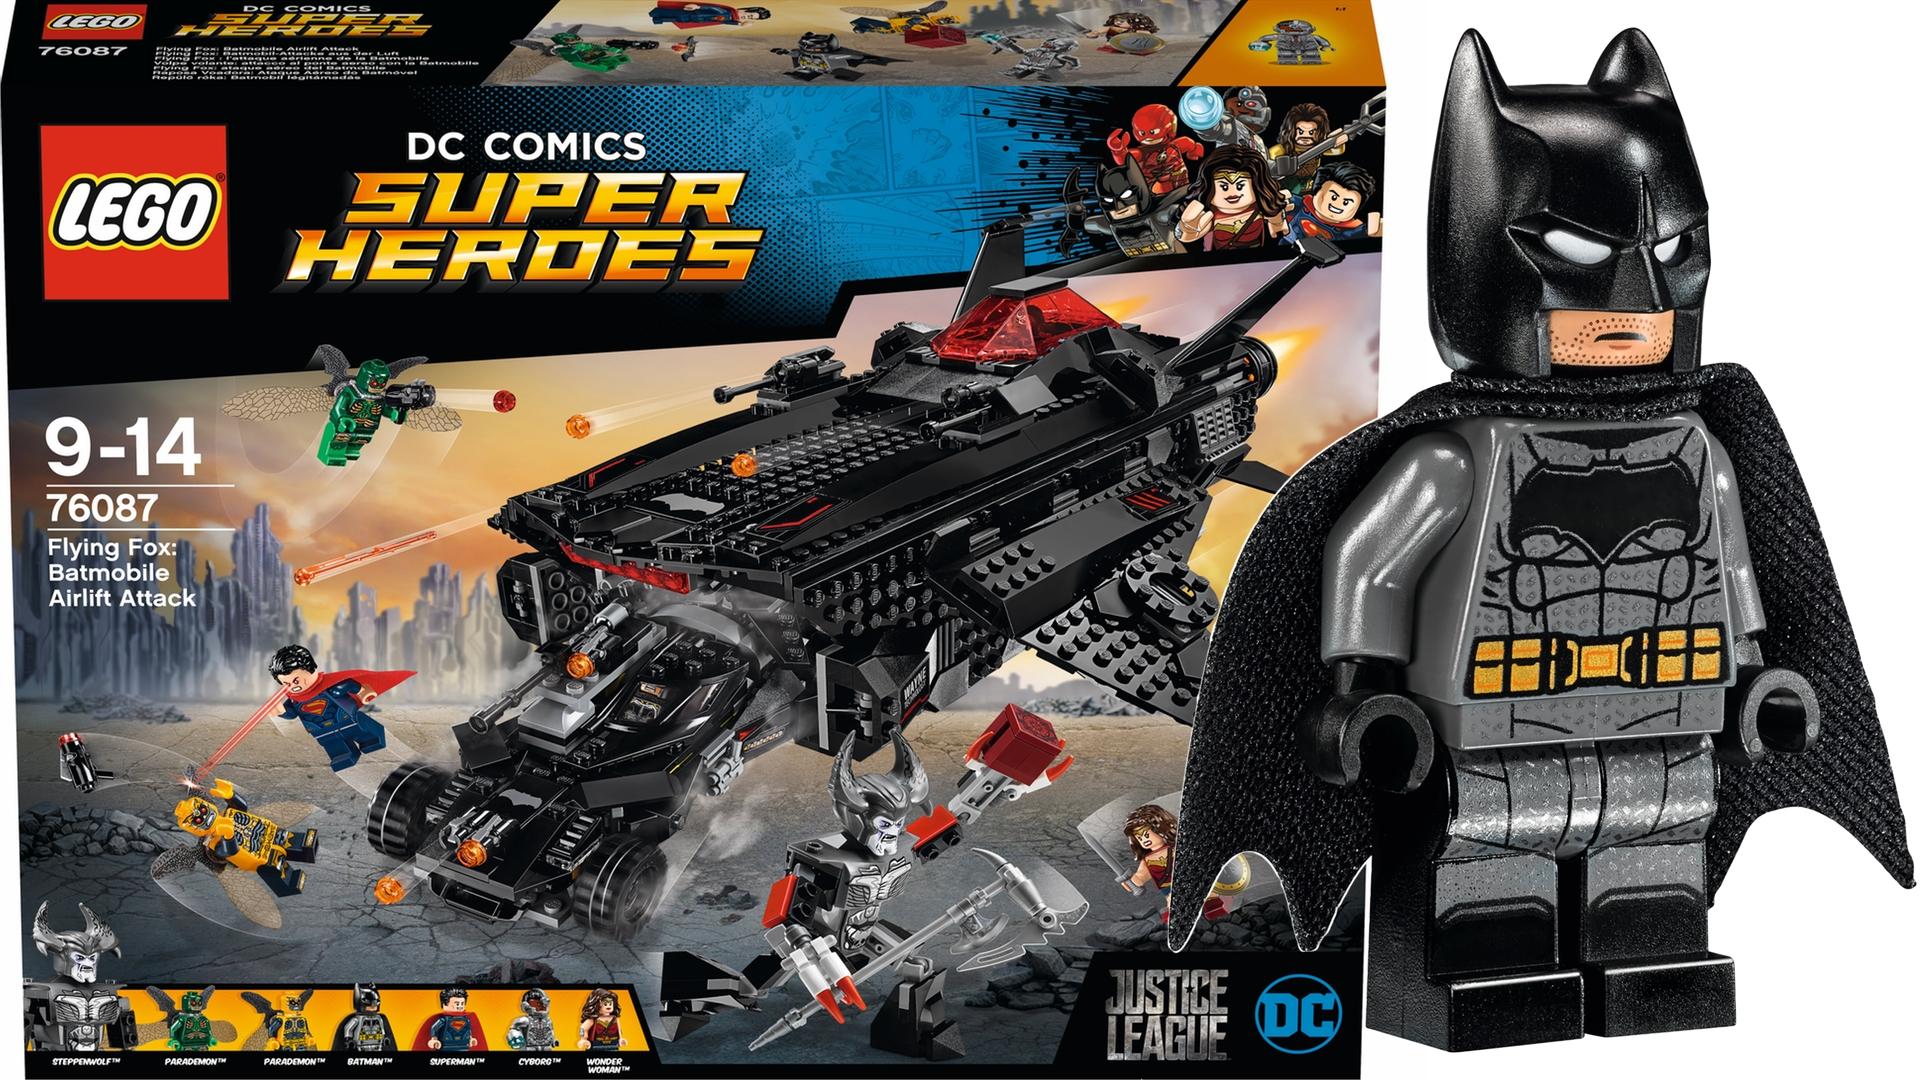 Justice-League-LEGO